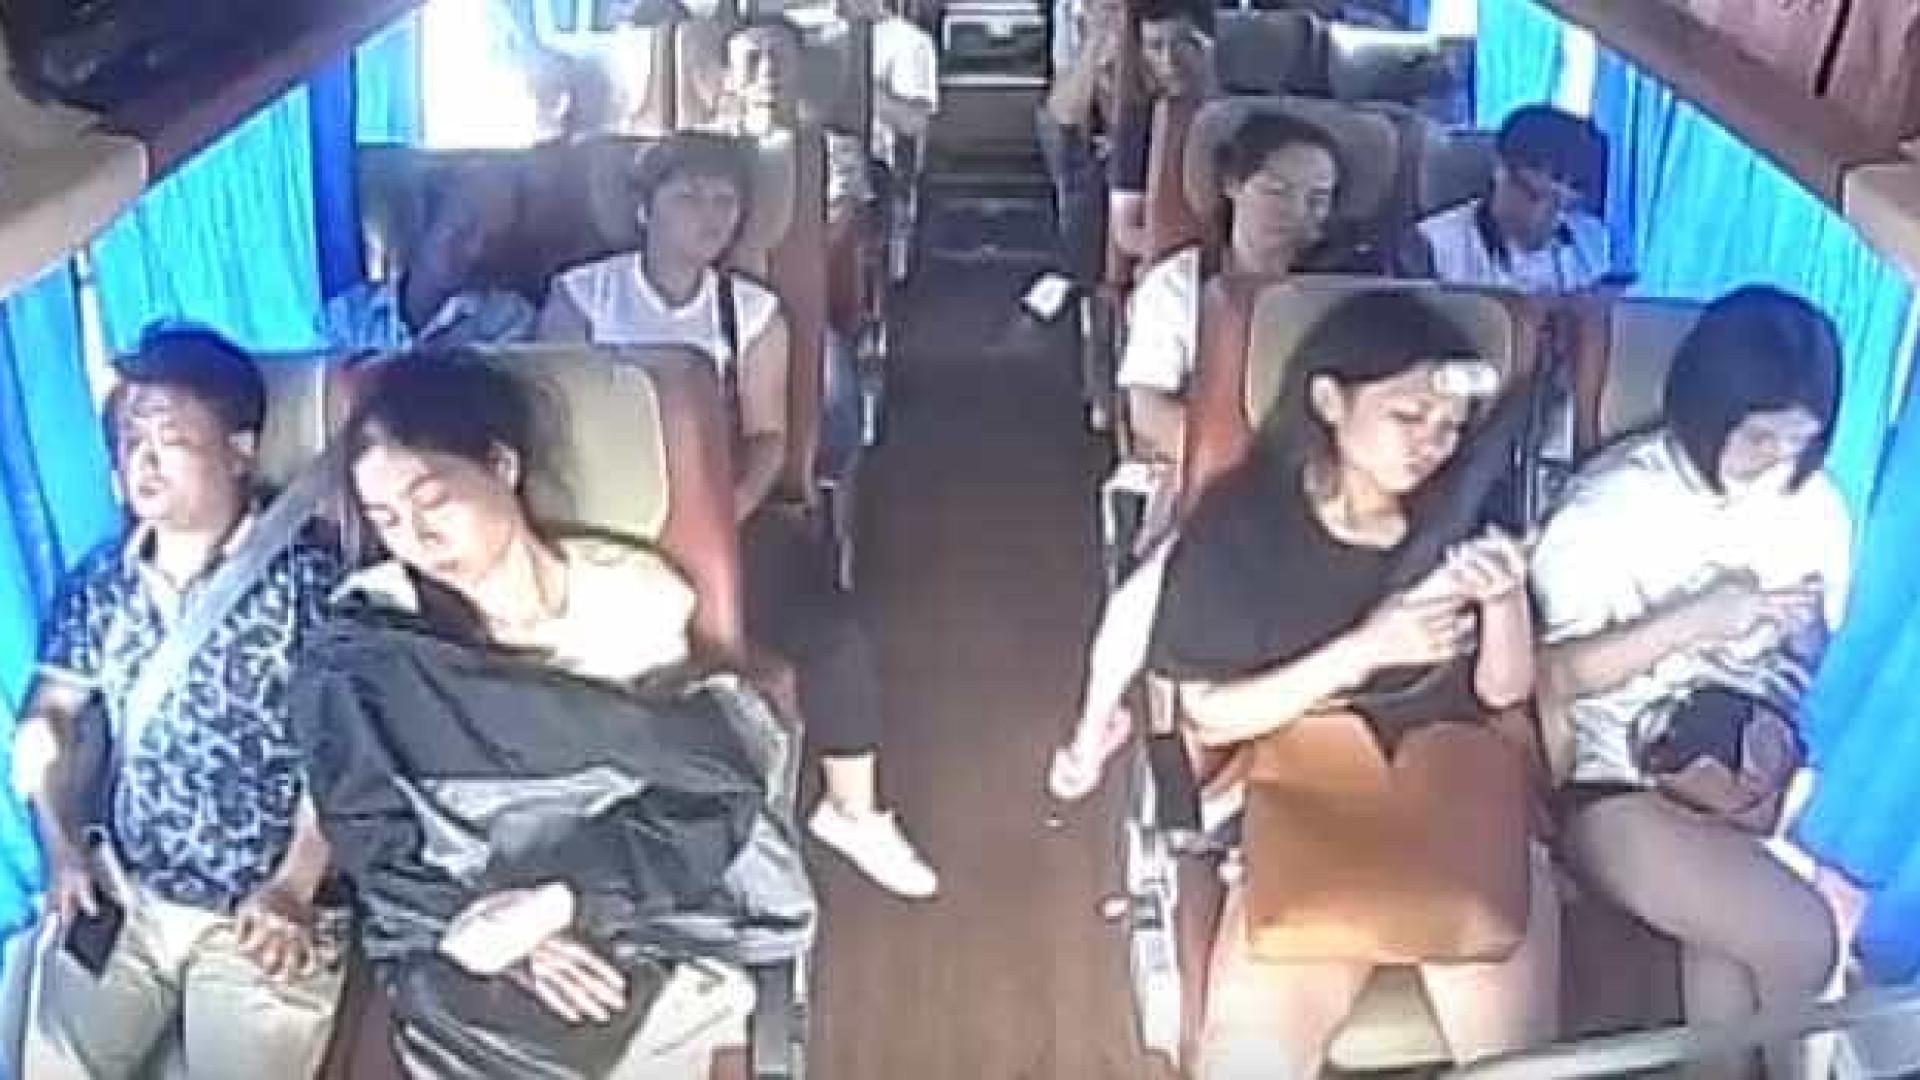 Câmaras filmam aparatoso acidente de autocarro na China